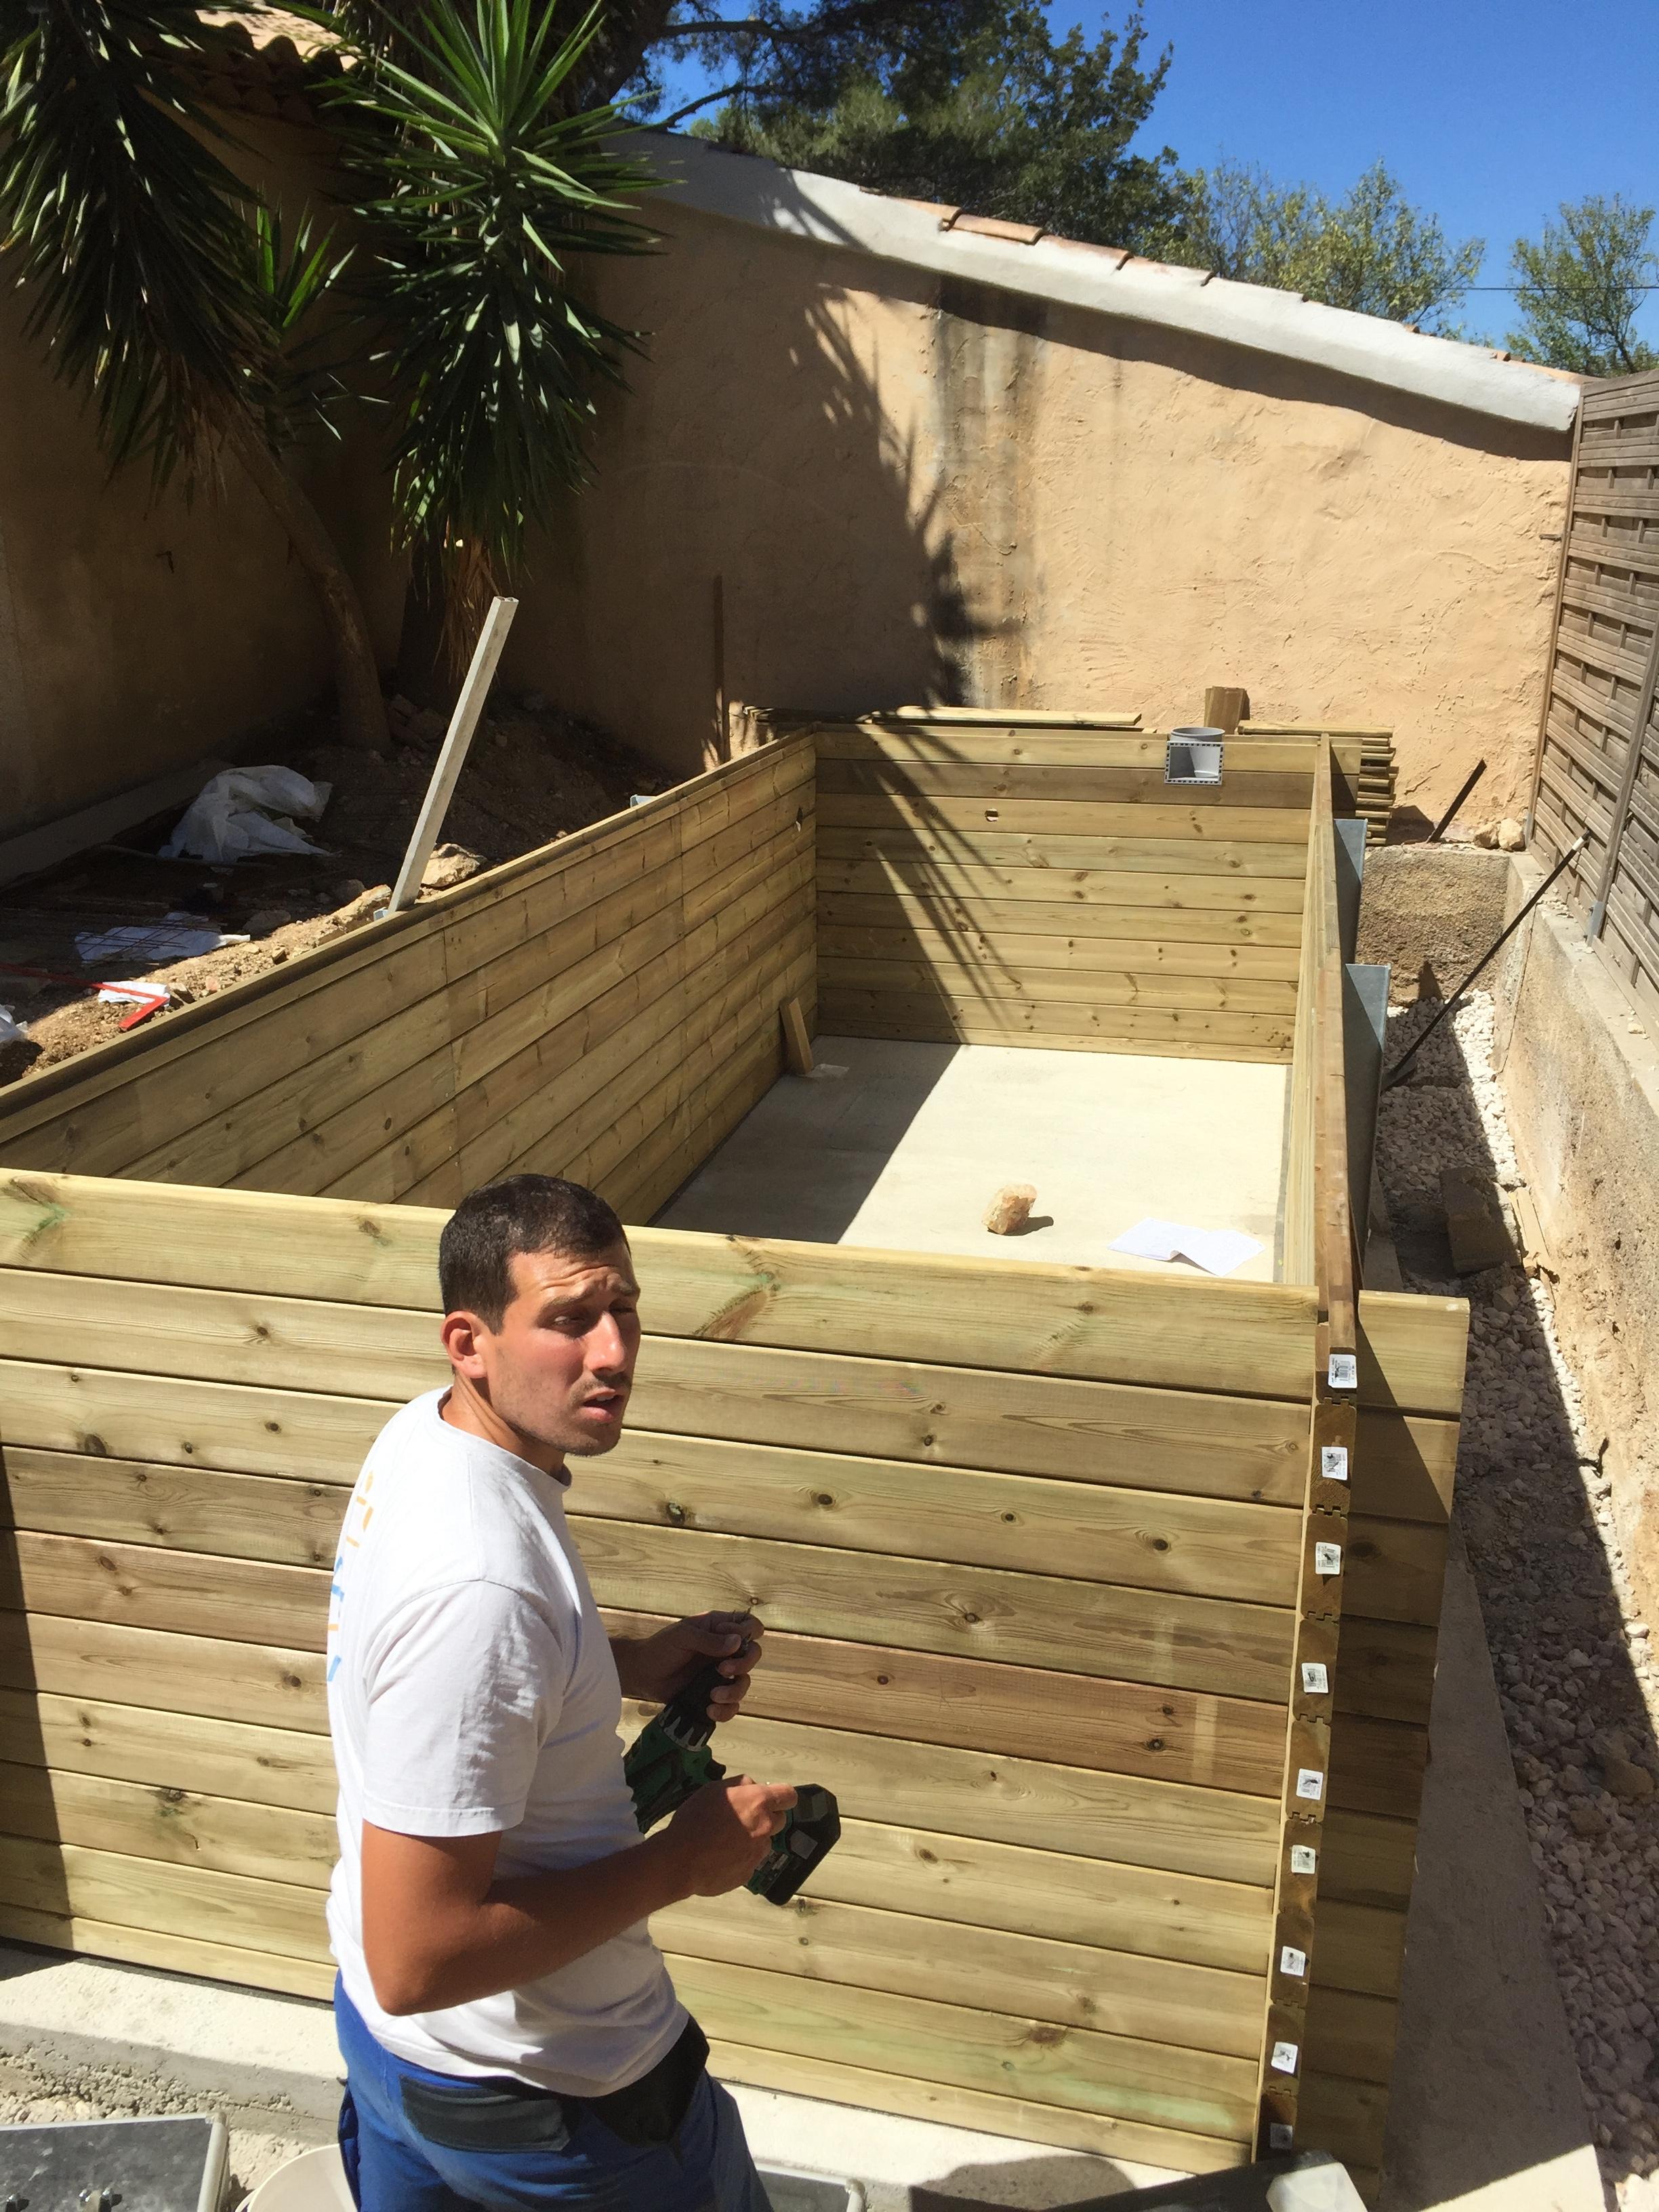 une petite piscine en bois Construction de piscine Toulon (Var) Sanary # Petite Construction En Bois